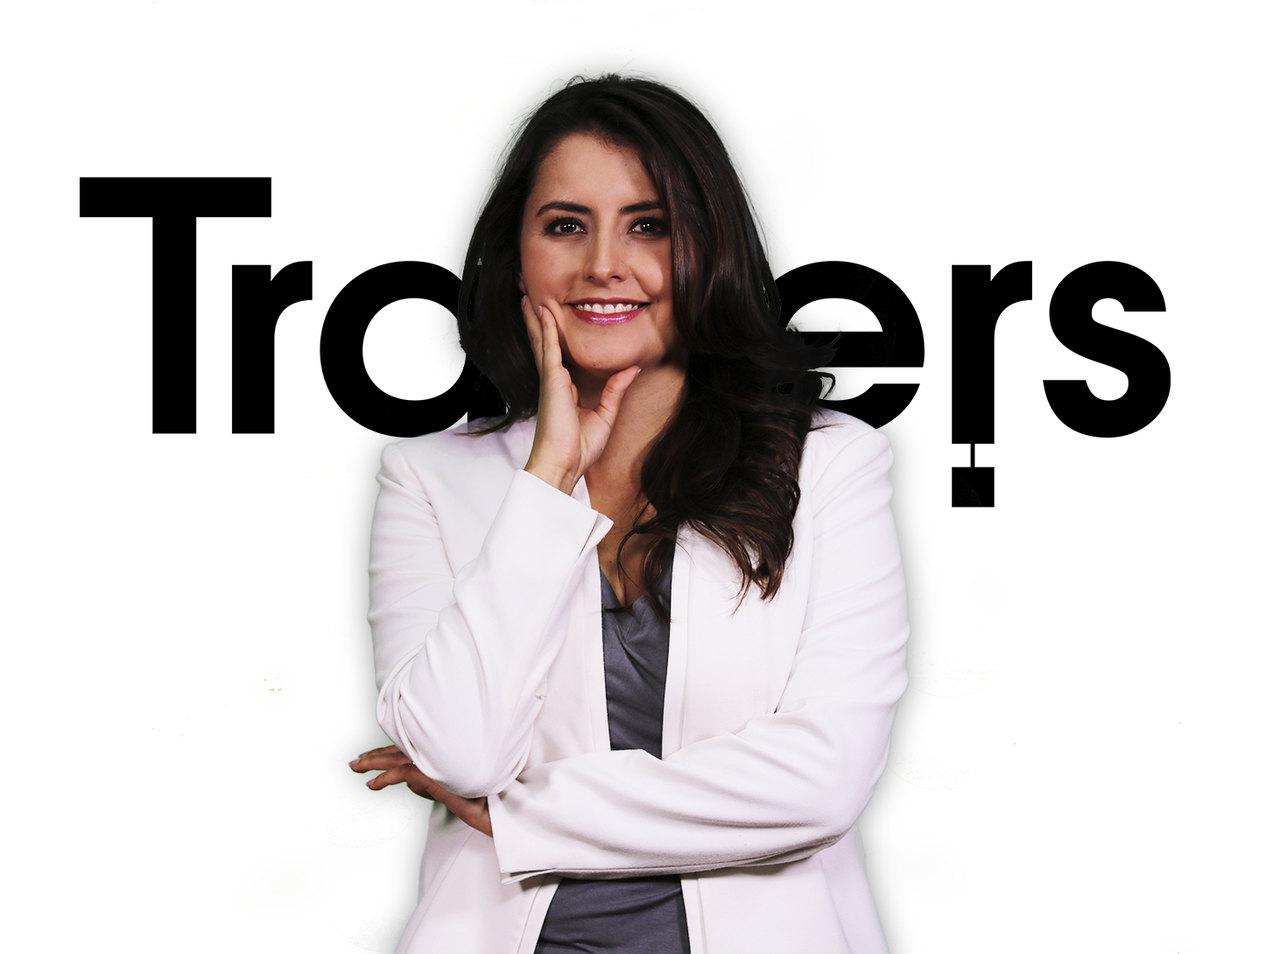 Sofía Macías's photo - Canal Trader